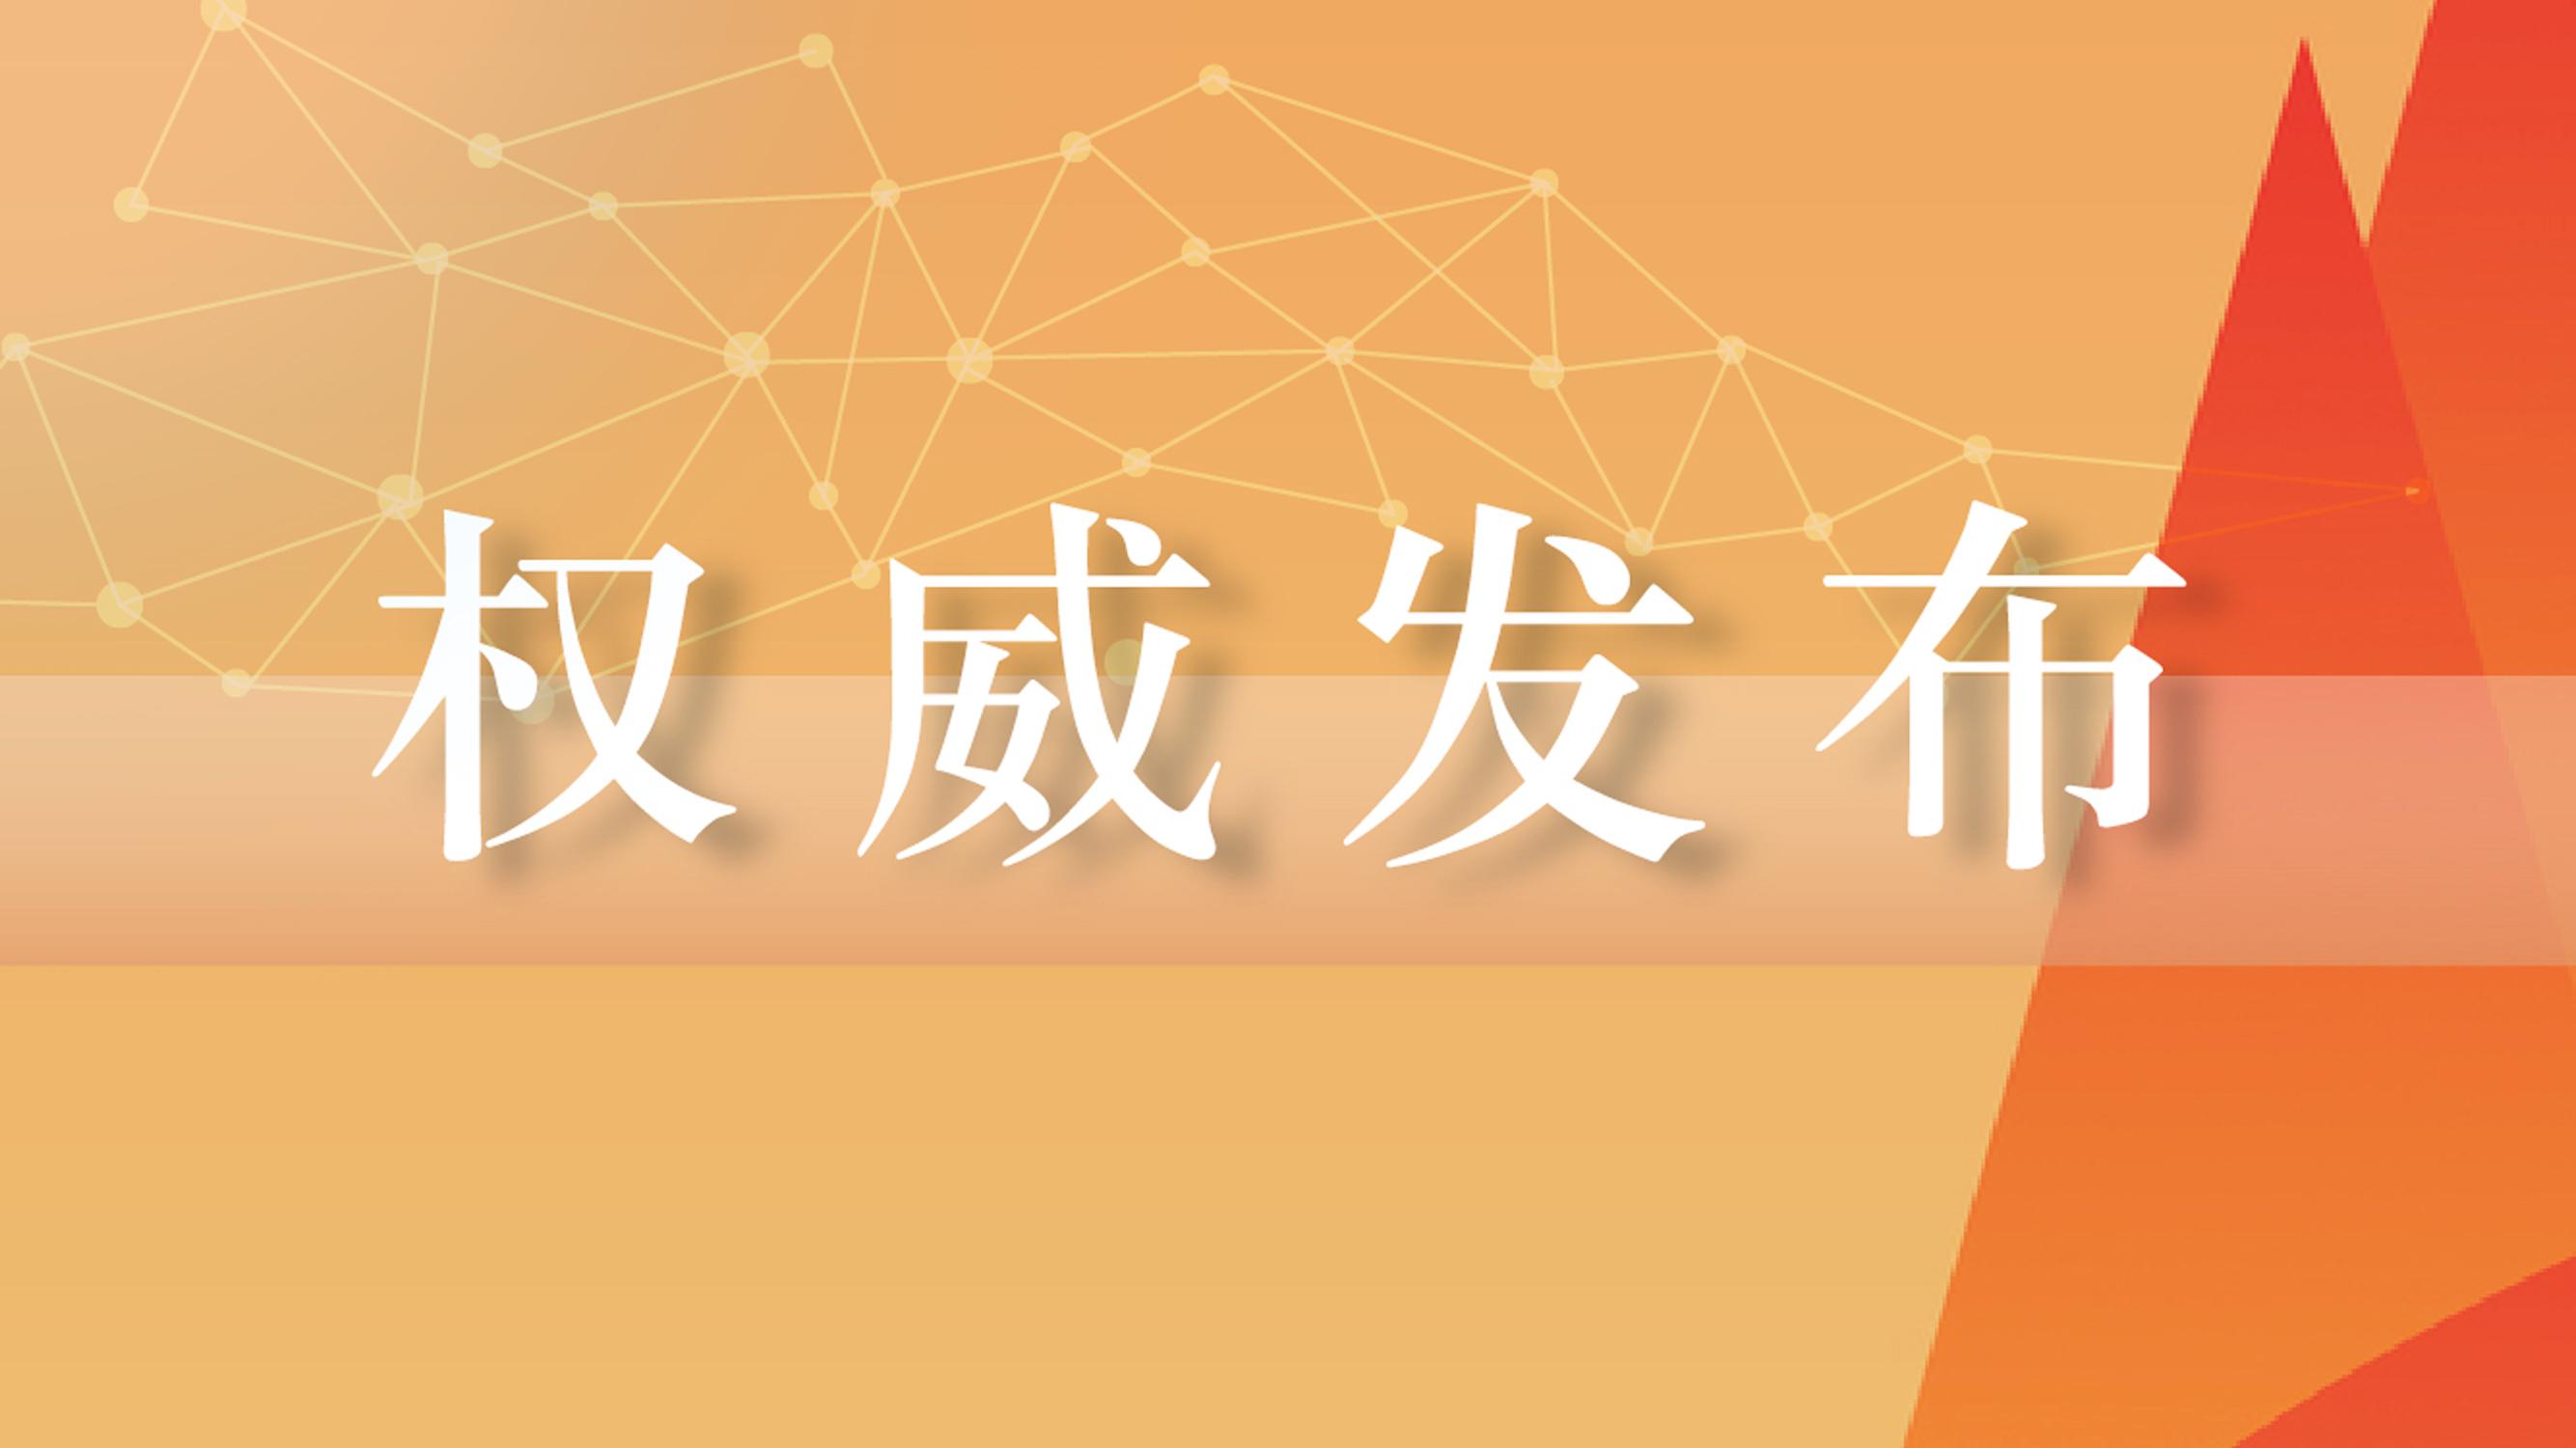 四川省人民检察院成都铁路运输分院党组成员、副检察长陈坚 接受纪律审查和监察调查